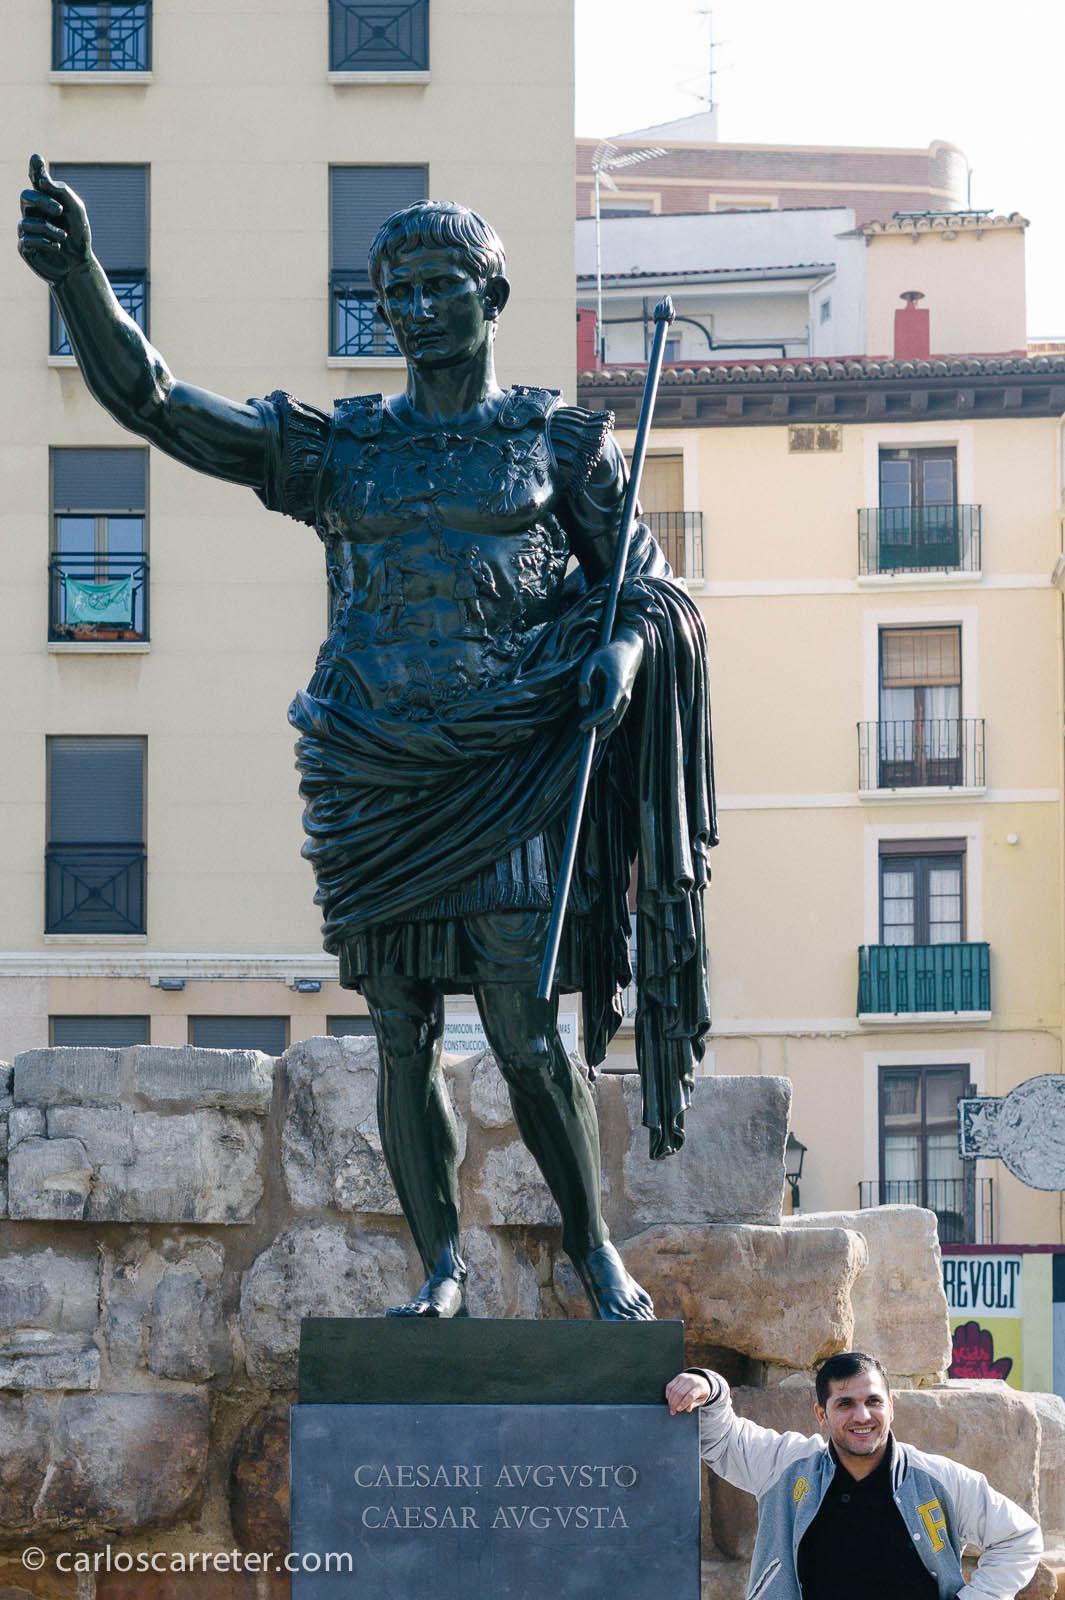 César Augusto